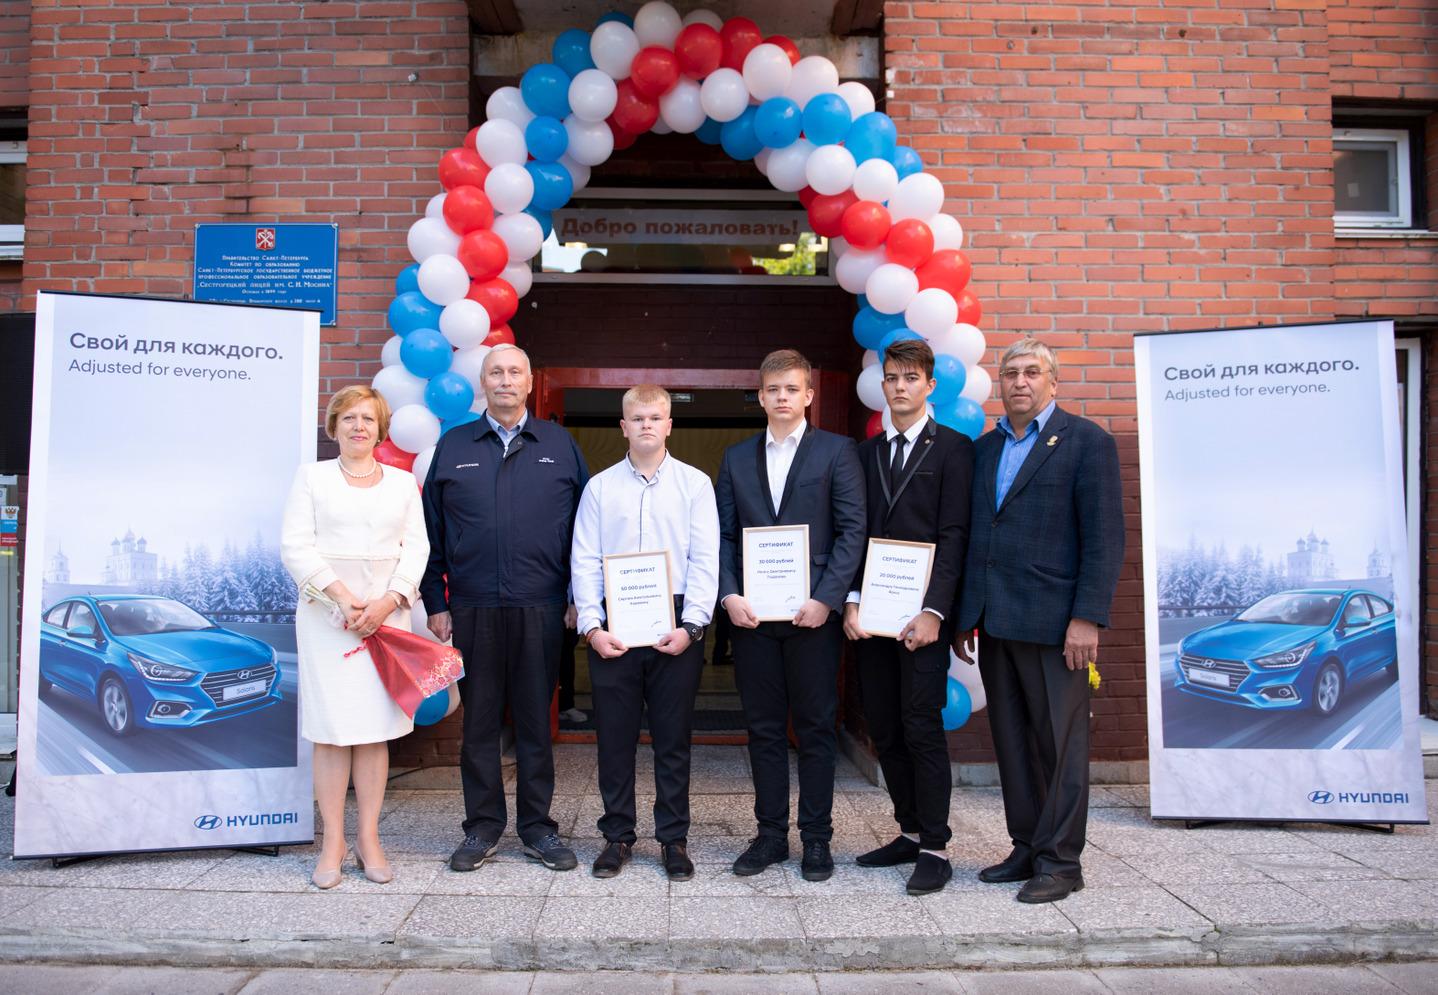 Вручение стипендии от завода Hyundai